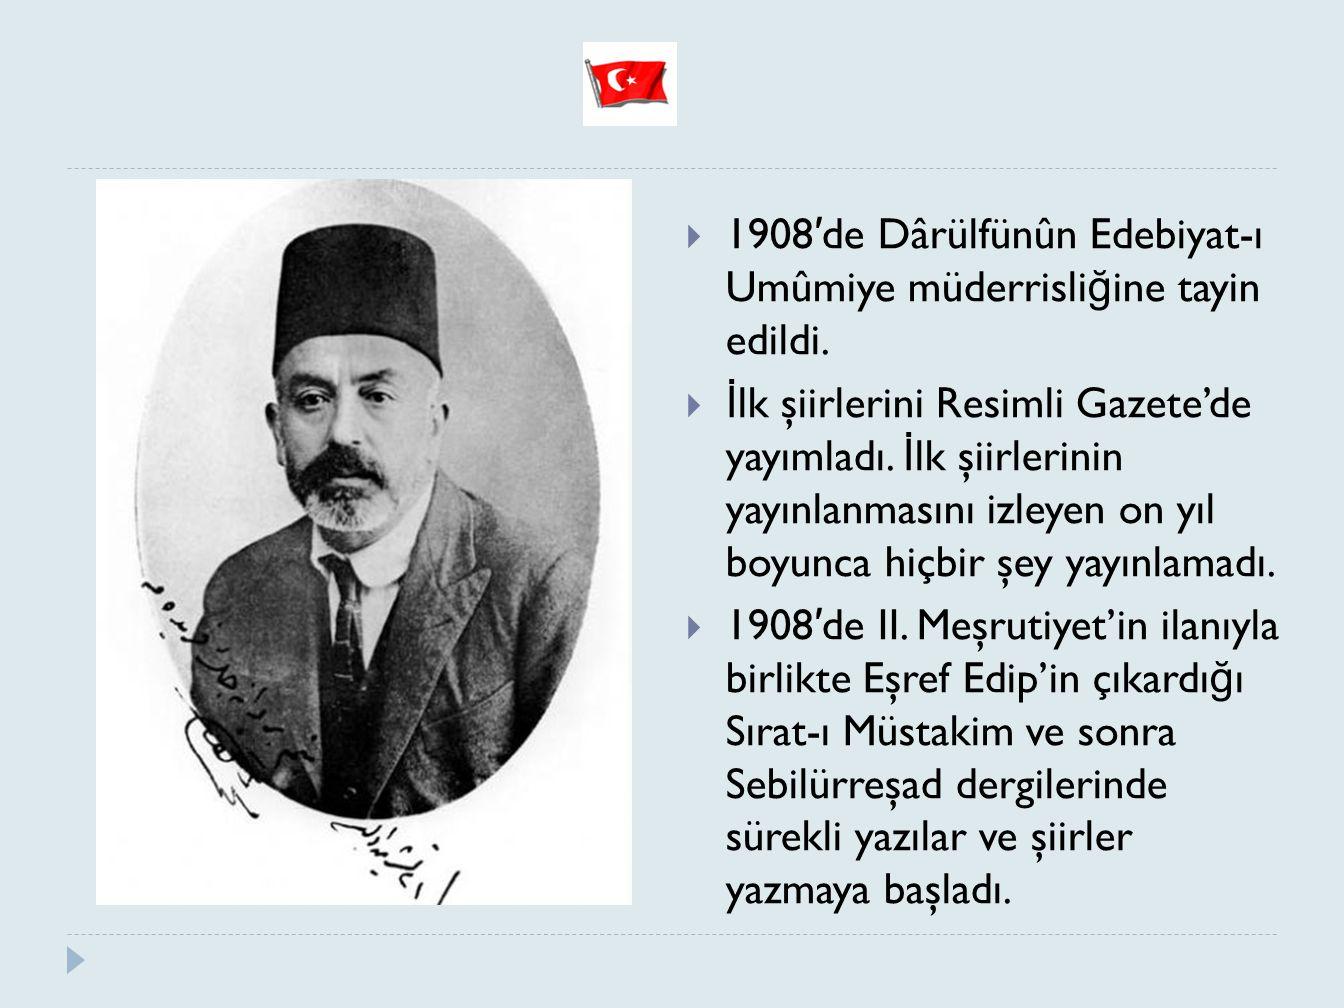  1908 ′ de Dârülfünûn Edebiyat-ı Umûmiye müderrisli ğ ine tayin edildi.  İ lk şiirlerini Resimli Gazete'de yayımladı. İ lk şiirlerinin yayınlanmasın